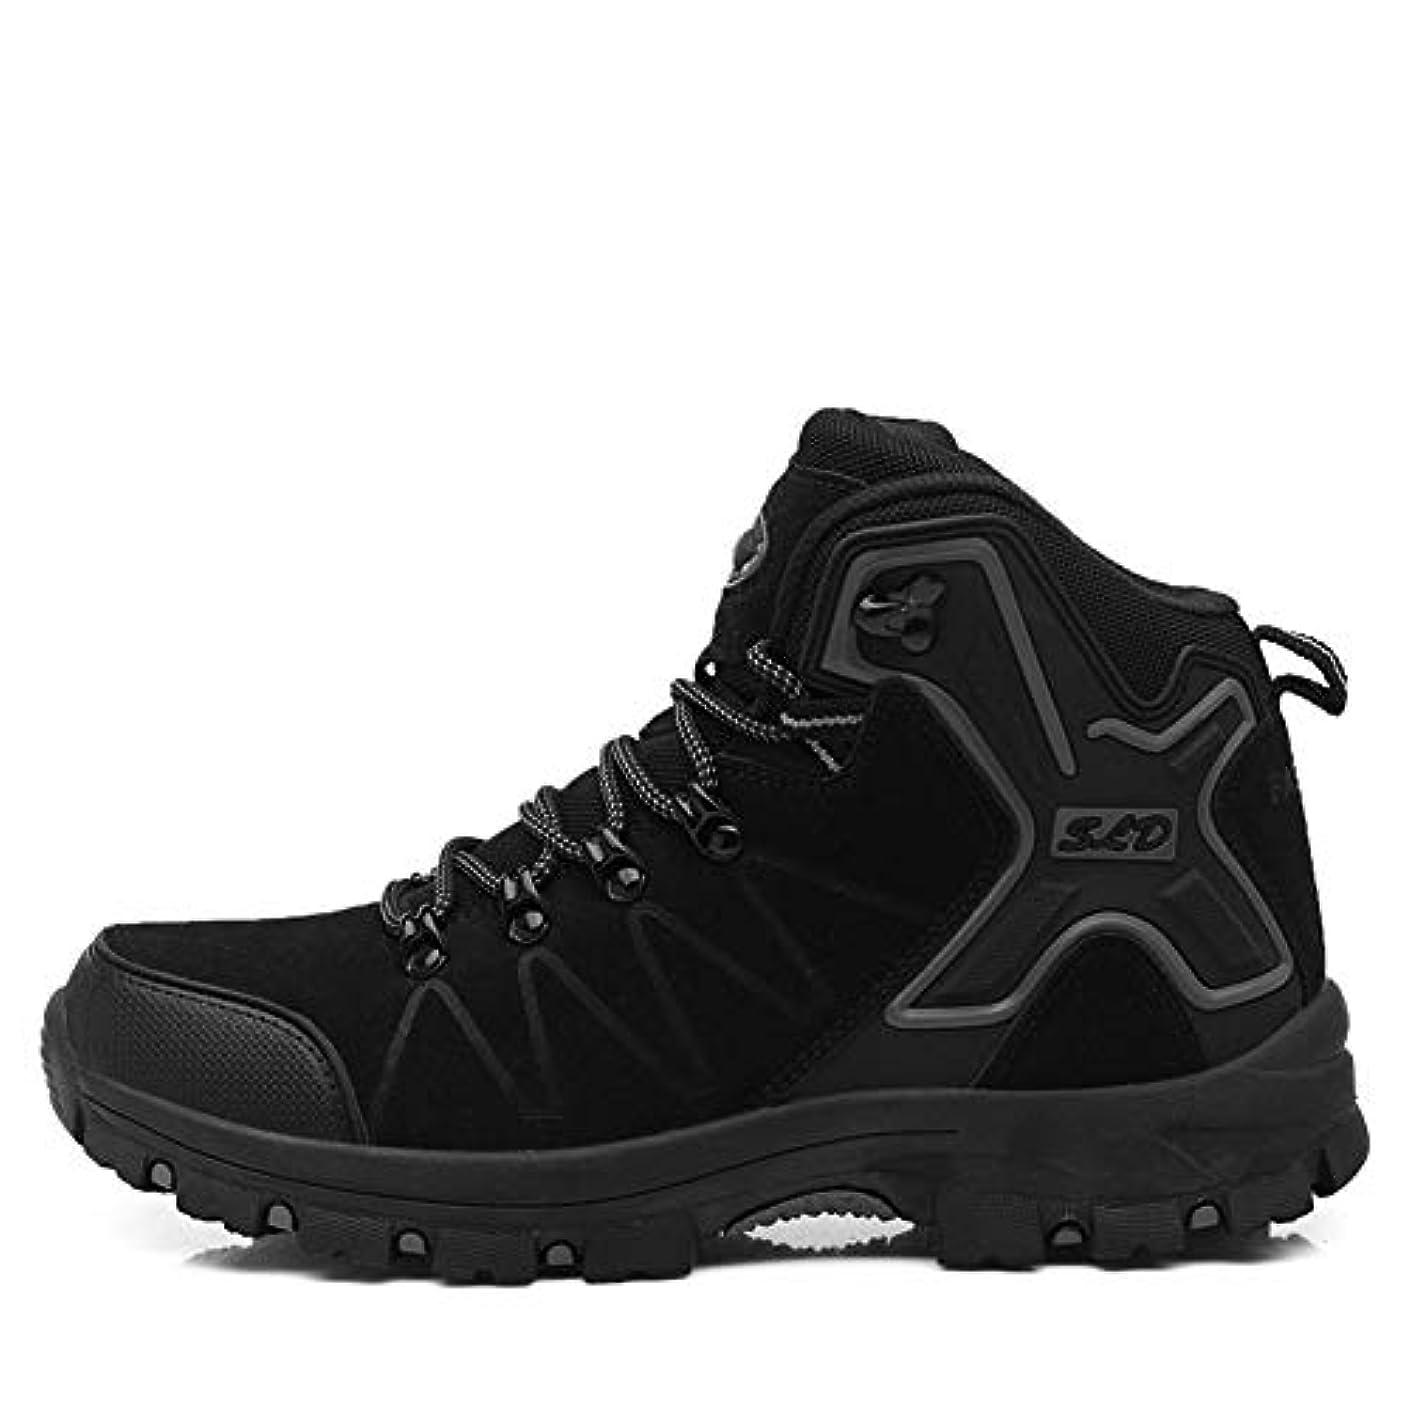 日常的に使役租界[TcIFE] トレッキングシューズ メンズ 防水 防滑 ハイカット 登山靴 大きいサイズ ハイキングシューズ メンズ 耐磨耗 ハイキングシューズ メンズ 通気性 スニーカー